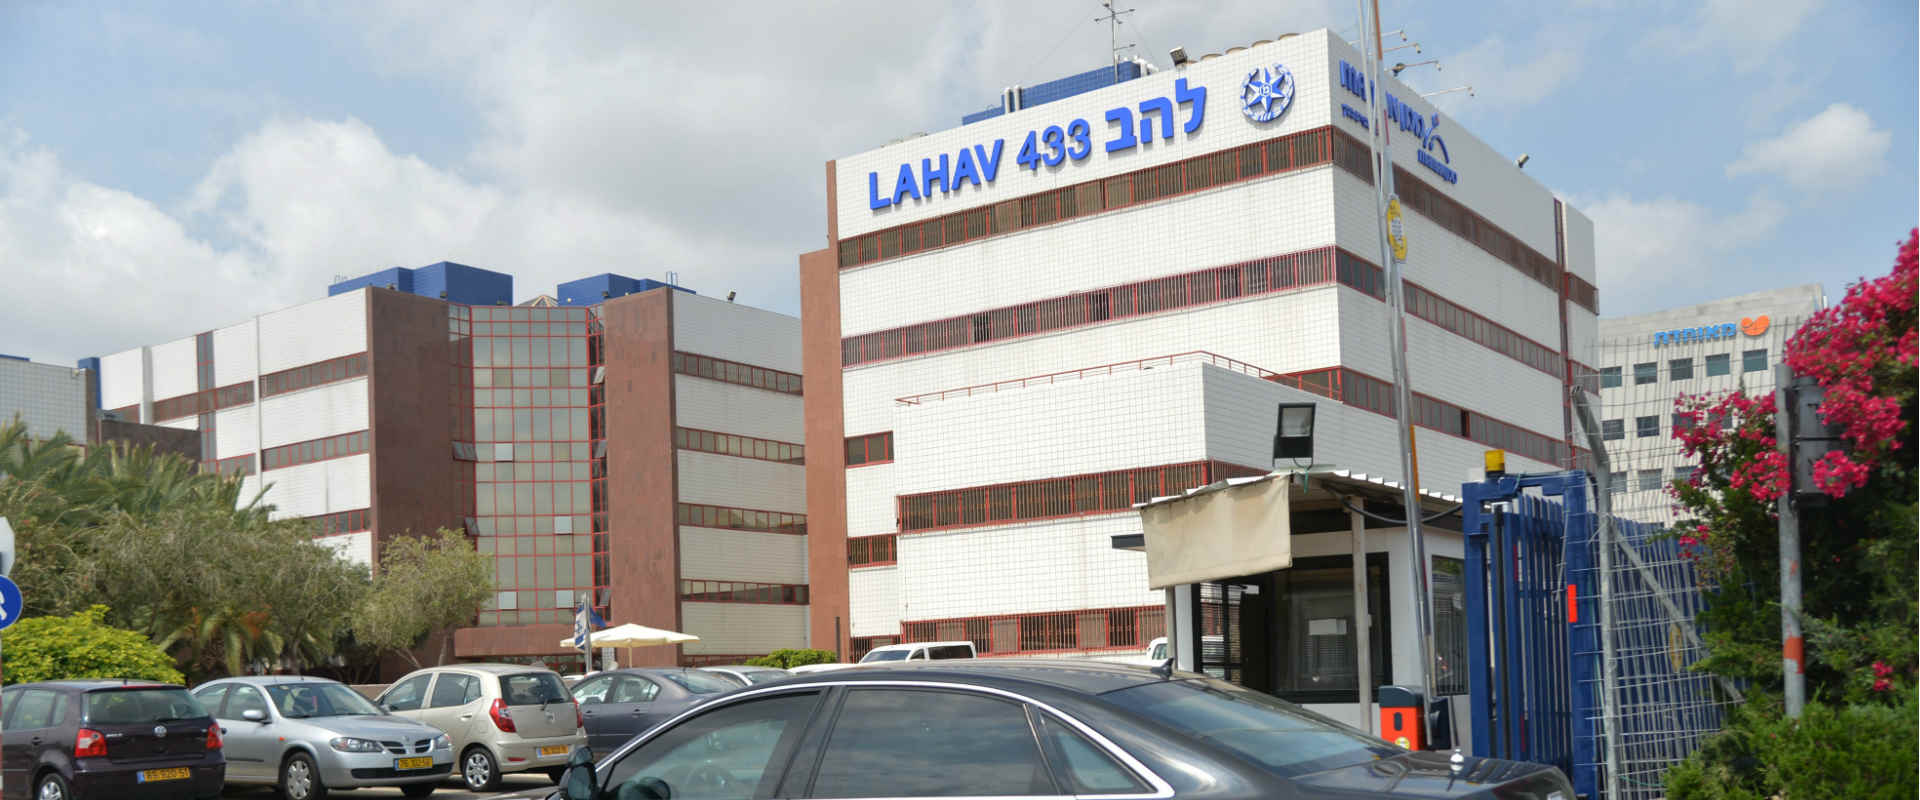 משרדי להב 433